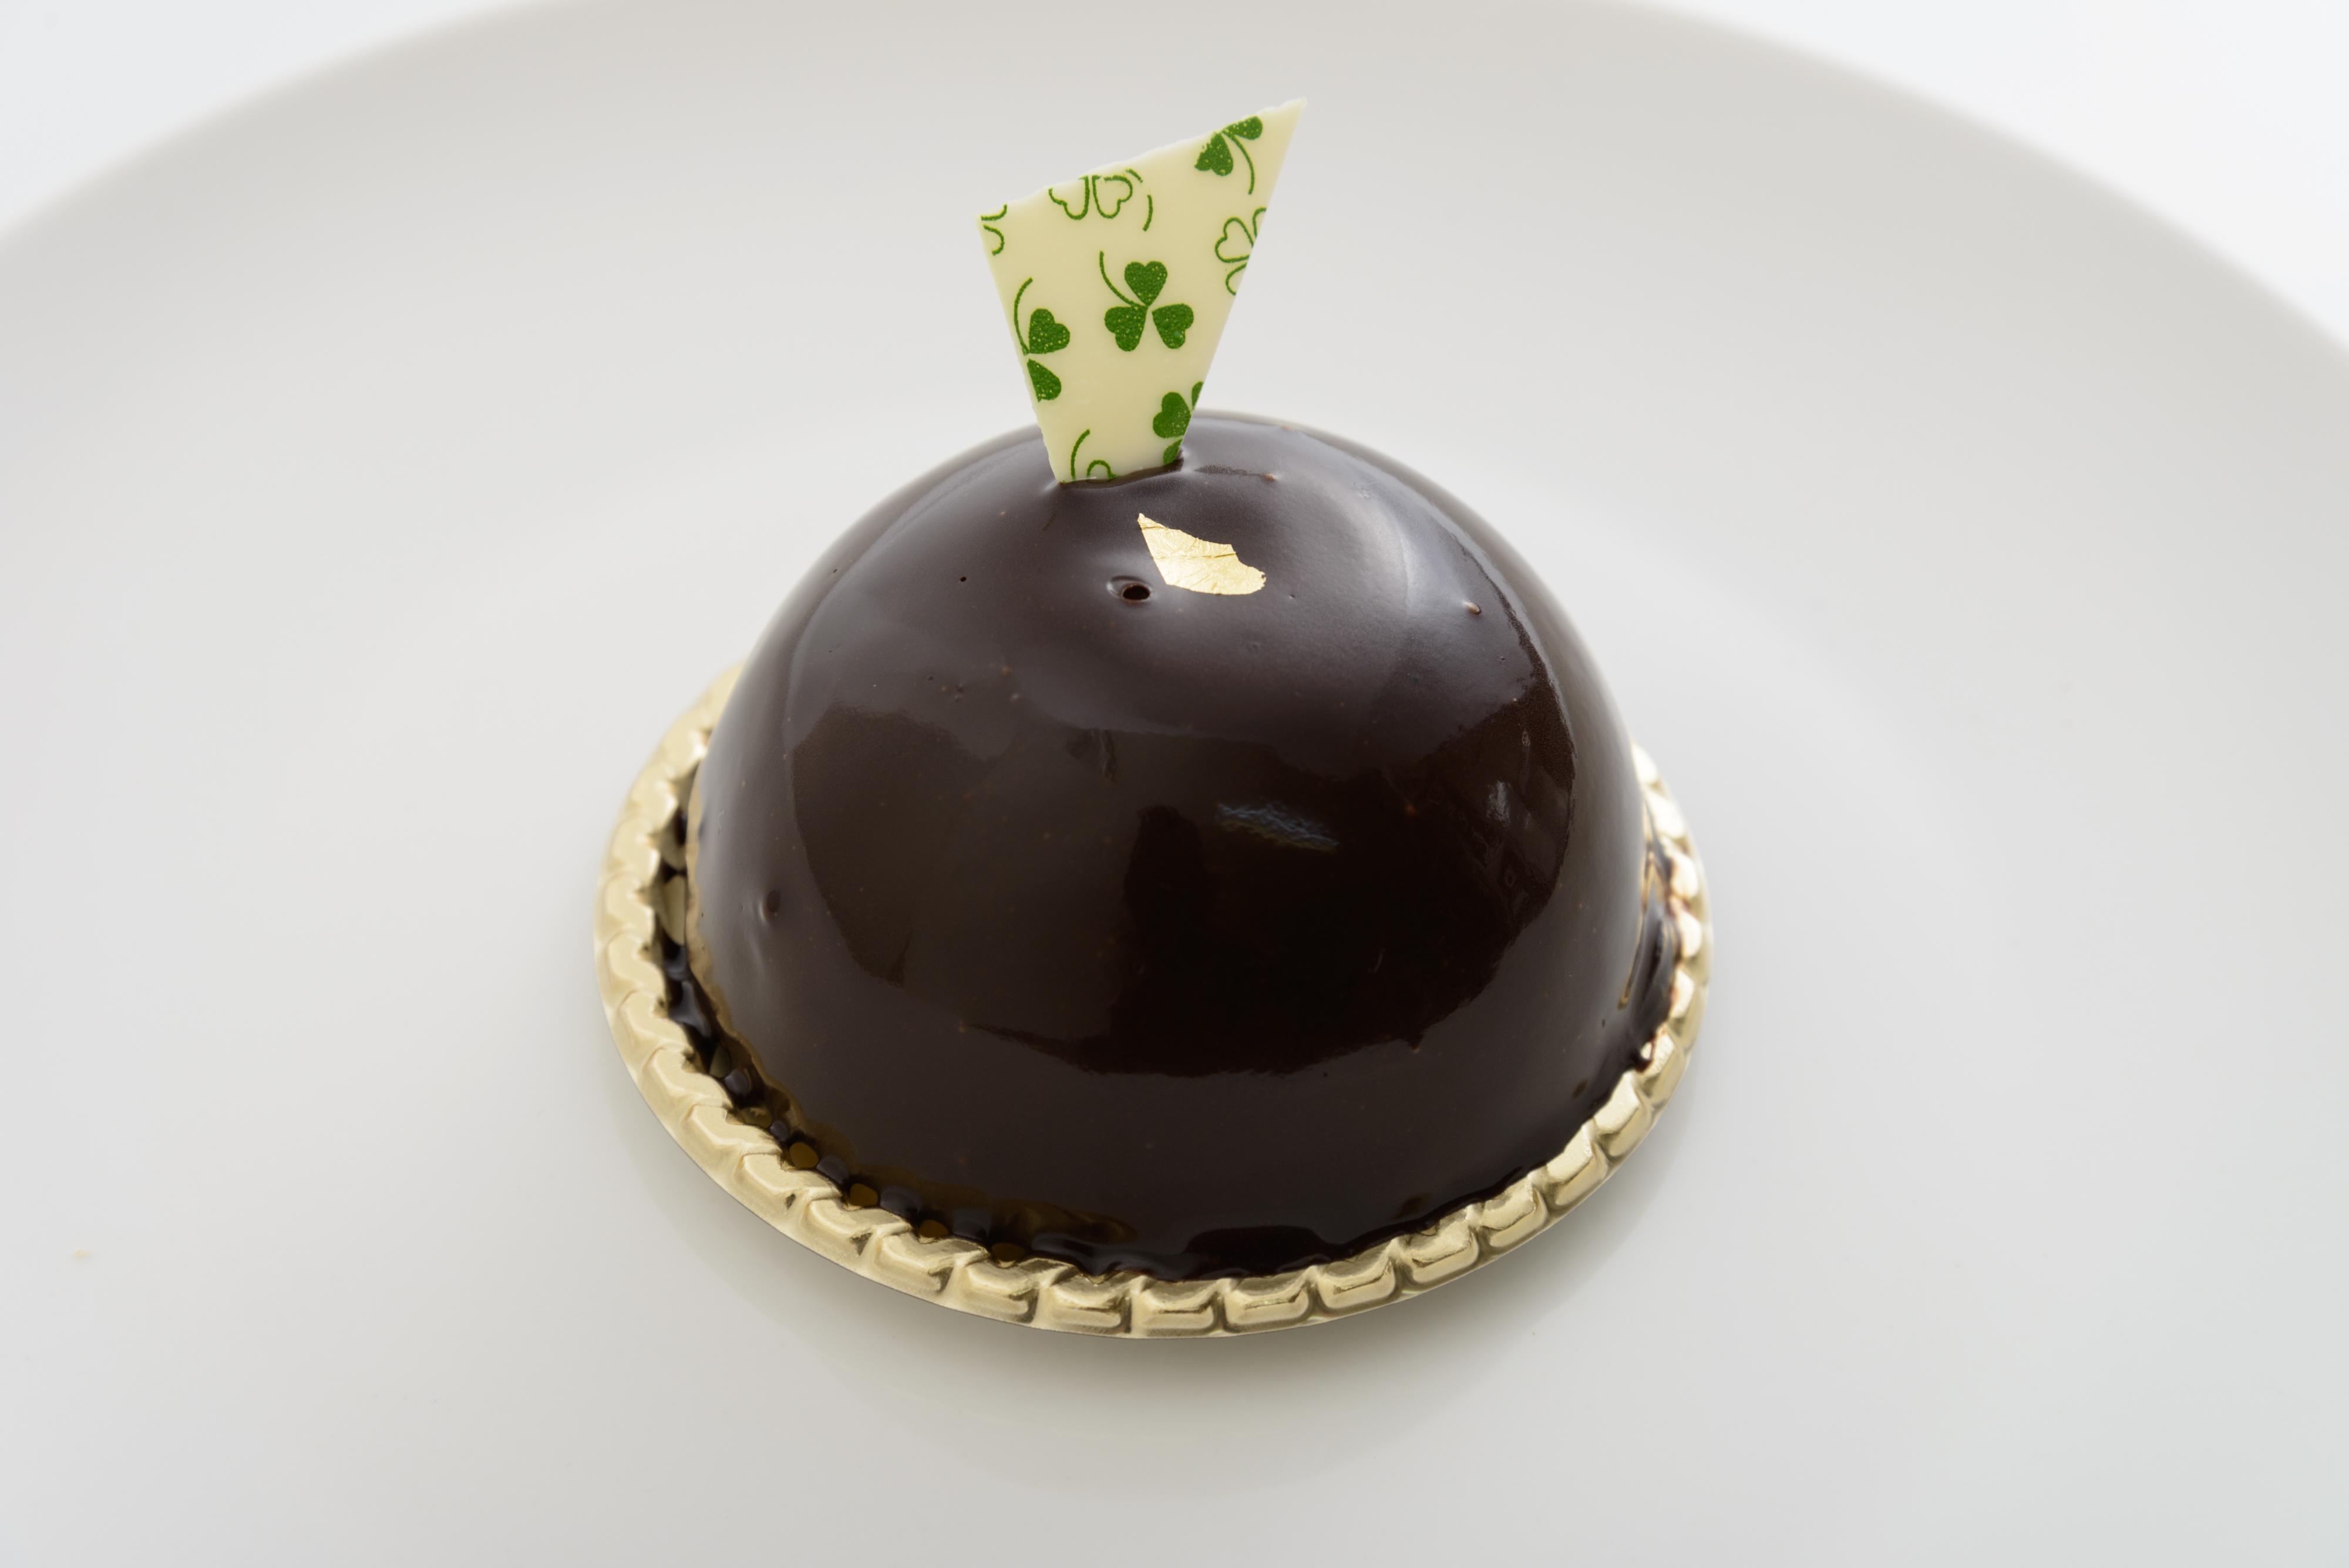 *チョコドーム*400円        冬季限定の人気商品。中のアーモンド風味がアクセントの濃厚なチョコムースです。